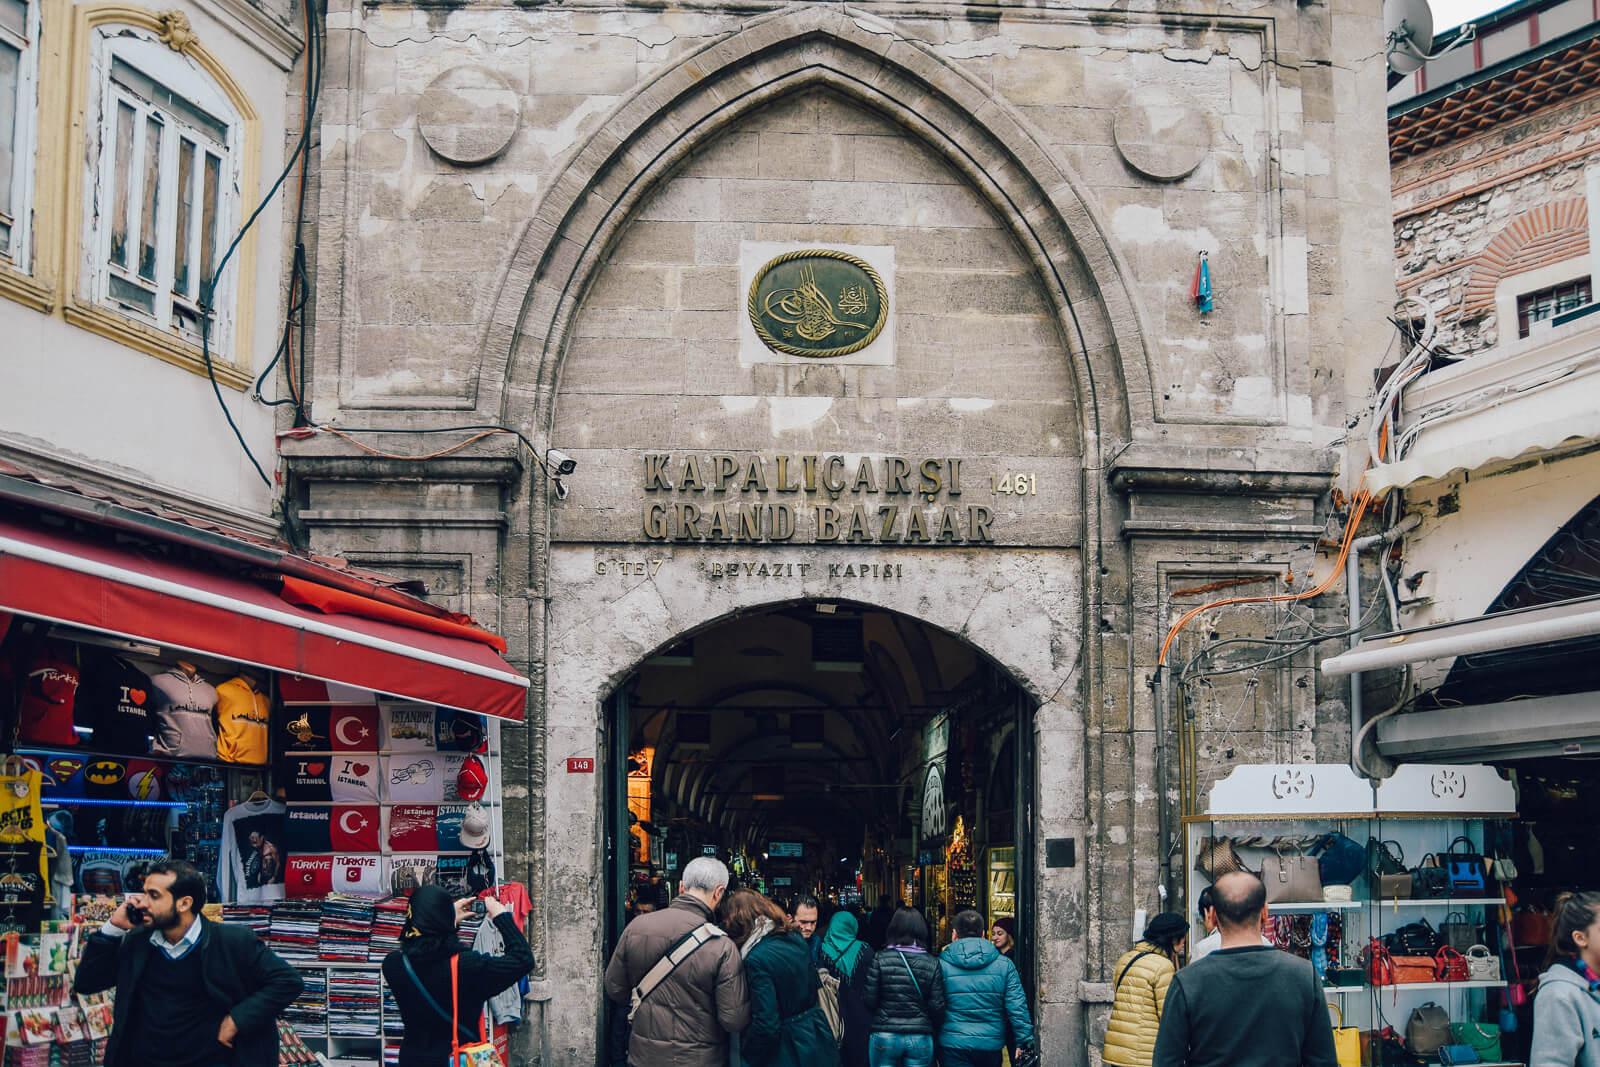 Гранд-базар в Стамбуле (Kapalıçarşı)